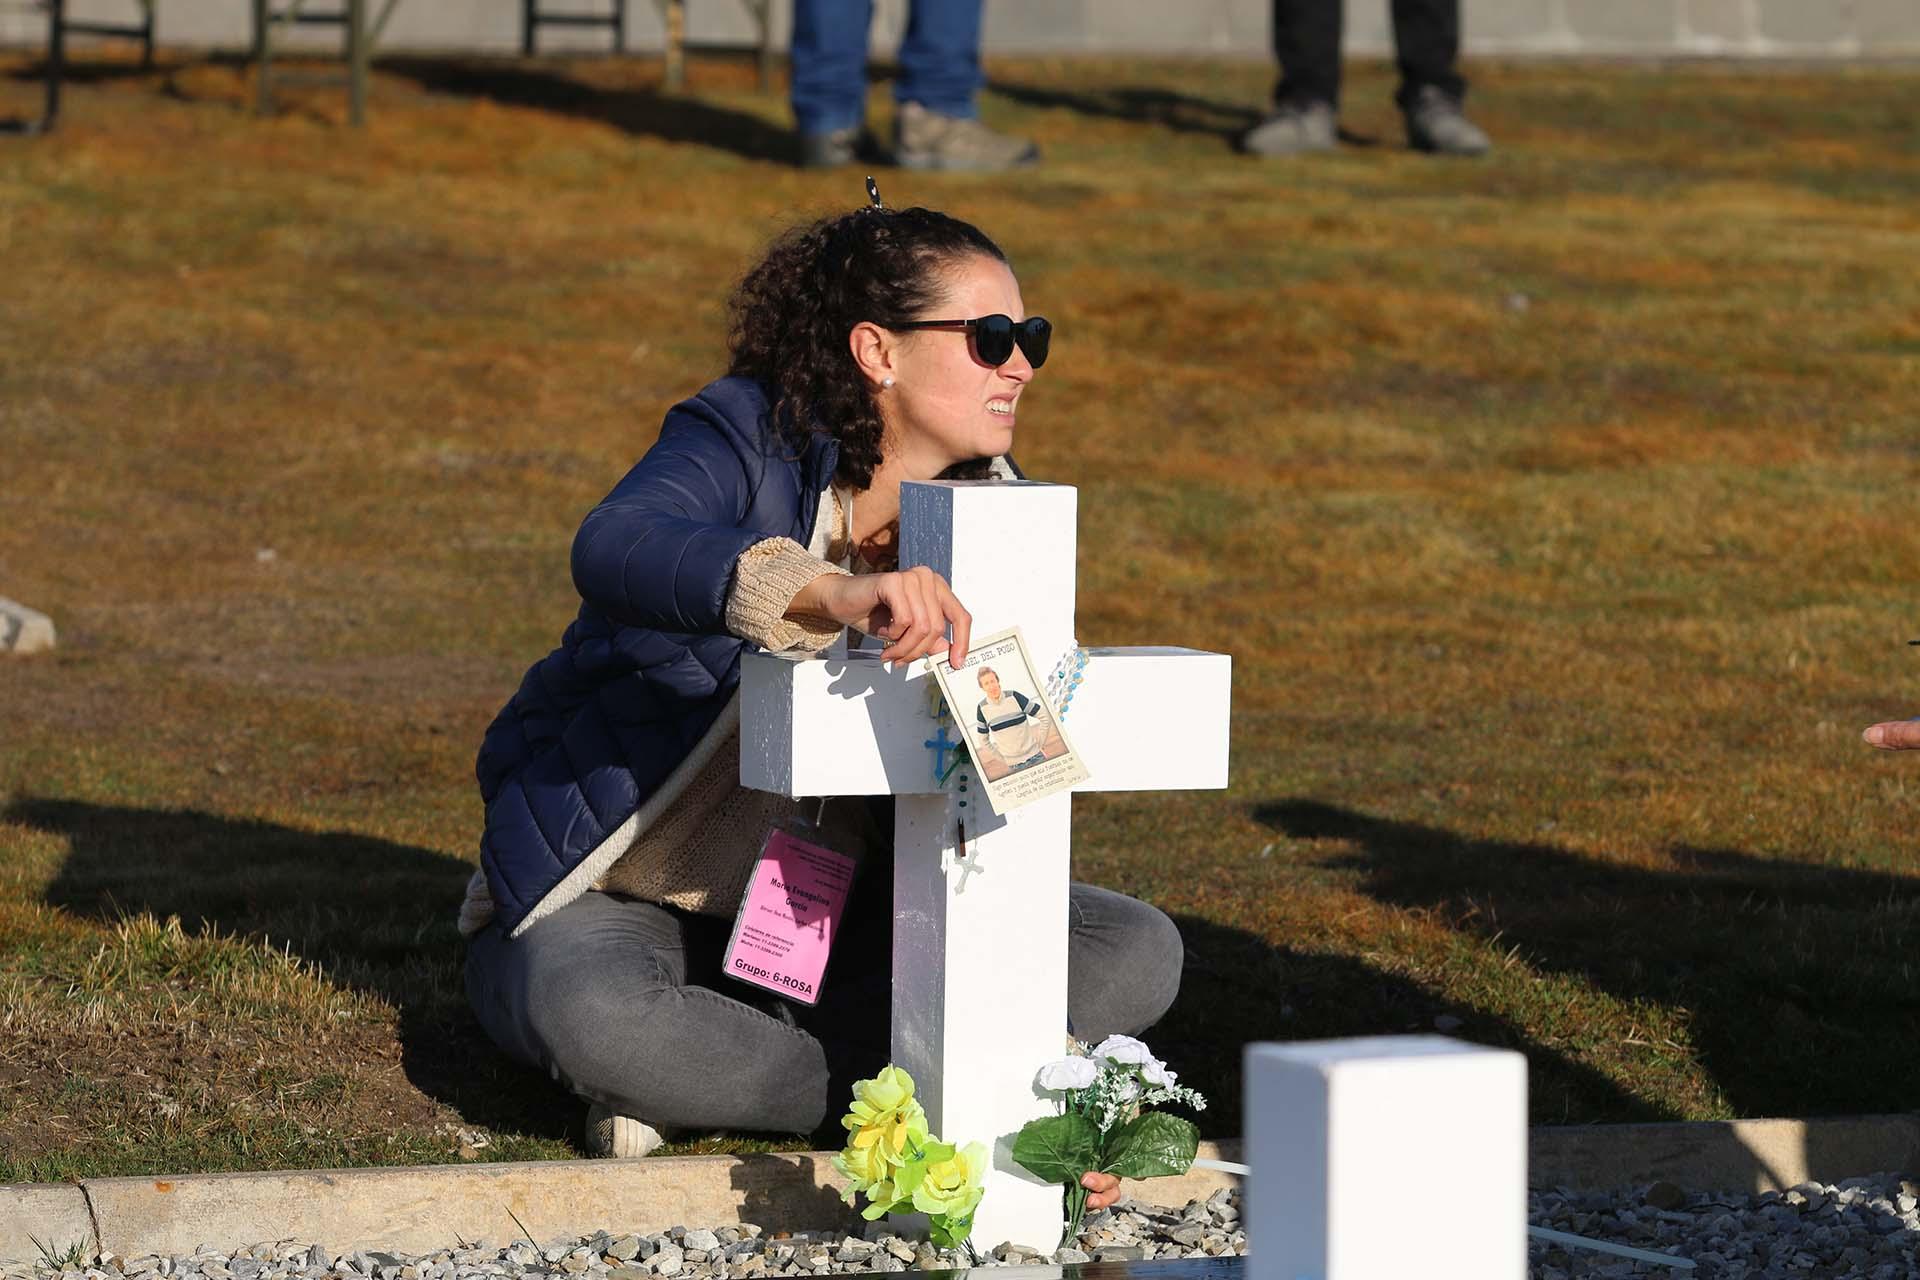 Las fotos de los seres queridos, muchas de ellas protegidas por bolsitas de plástico, se colocaron al pie de cada cruz (Foto: Presidencia de la Nación/Secretaria DDHH/ Víctor Bugge)